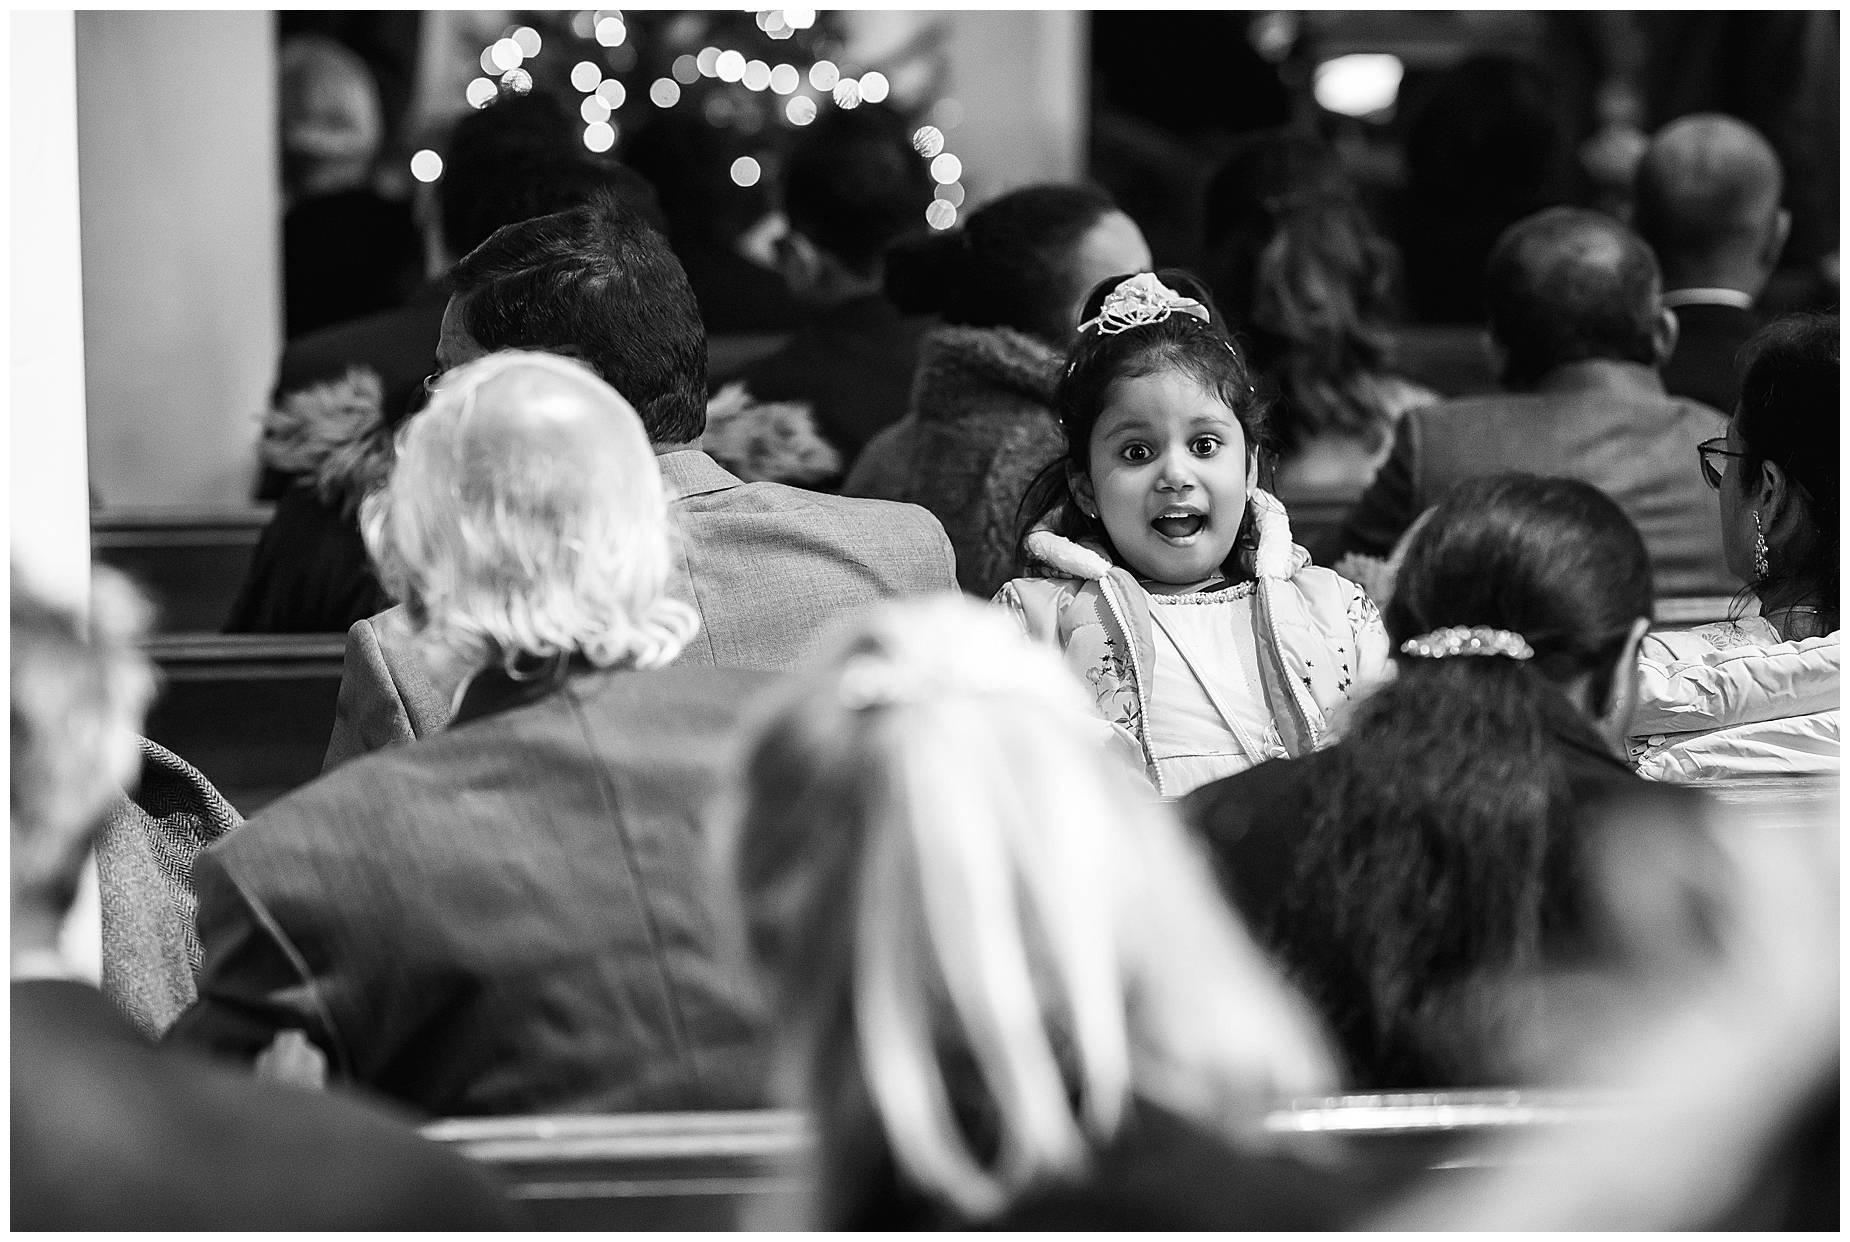 little girl in church